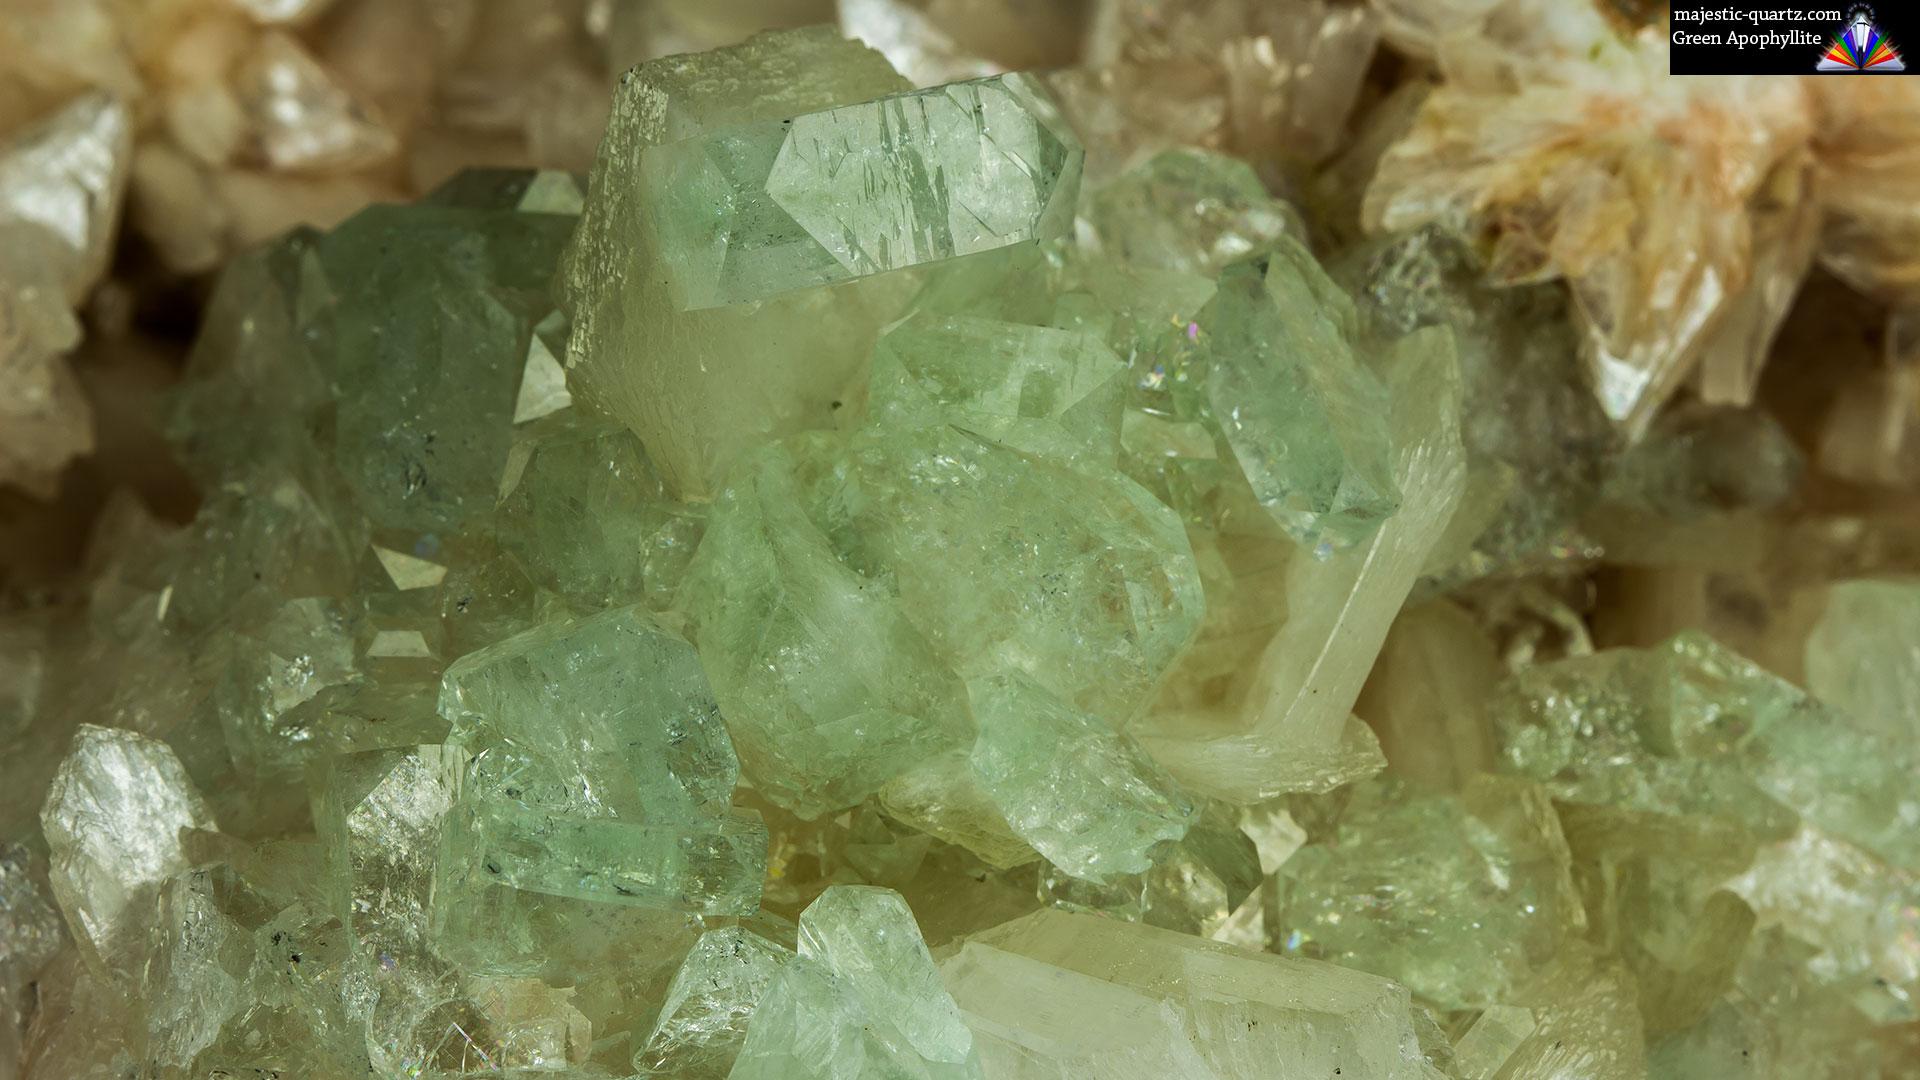 Apophyllite Crystal Specimen - Photograph by Anthony Bradford